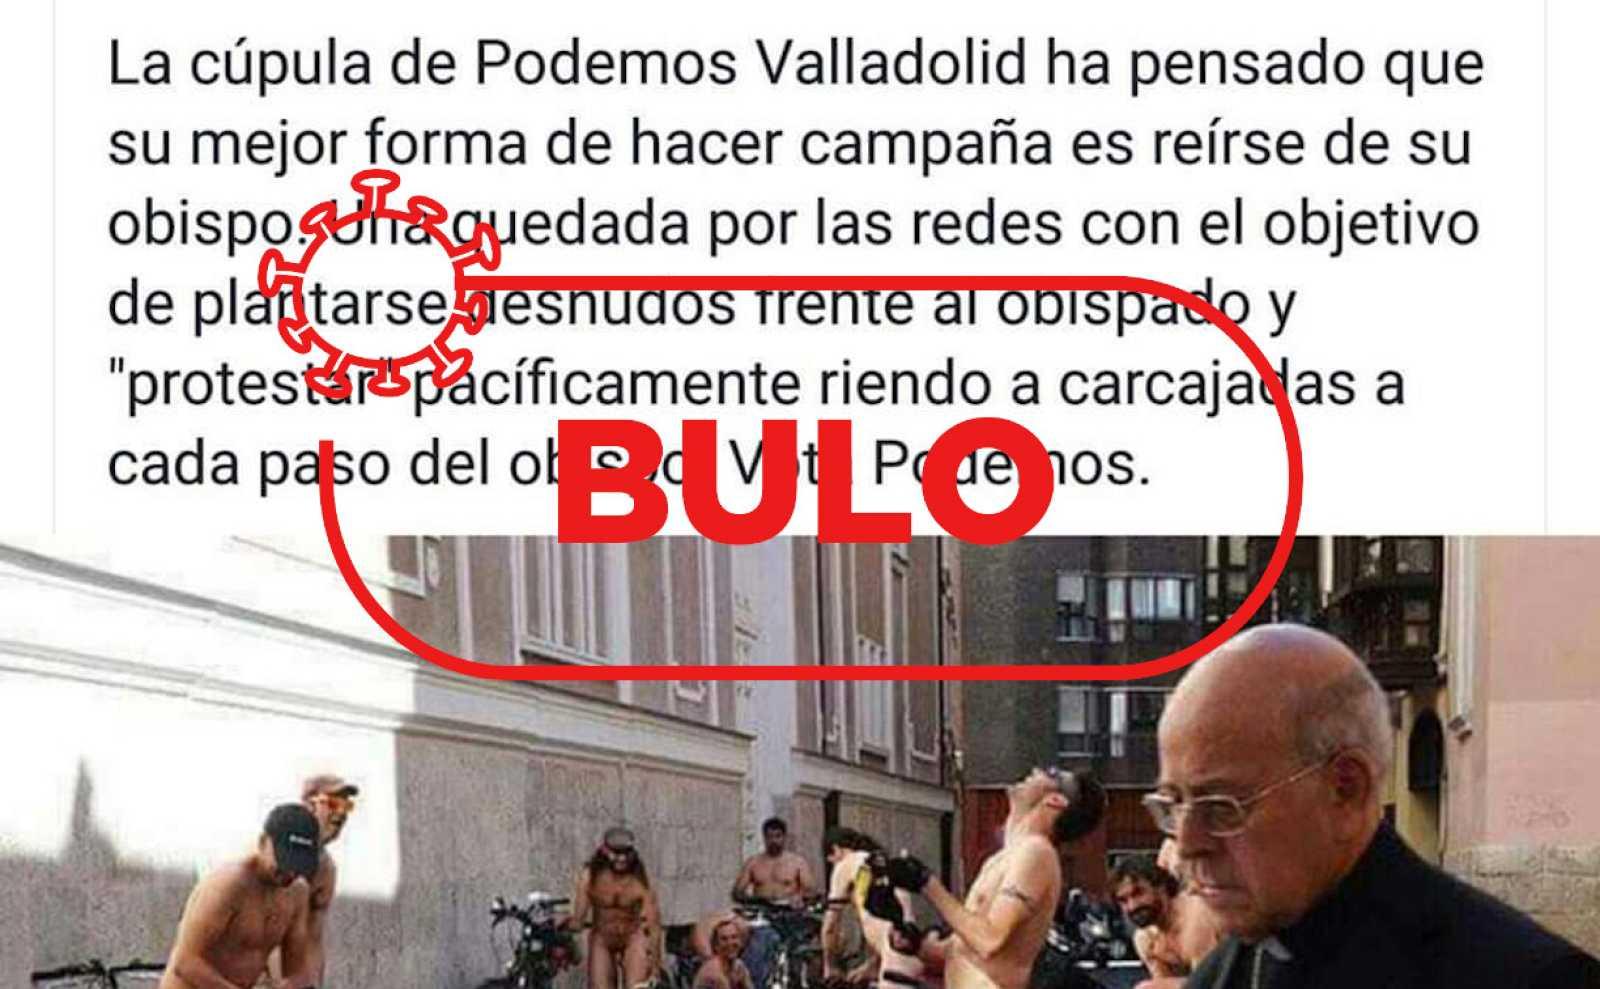 Captura del tuit en el que se asocia la fotografía del arzobispo y los ciclistas nudistas con una protesta de Podemos contra la Iglesia.